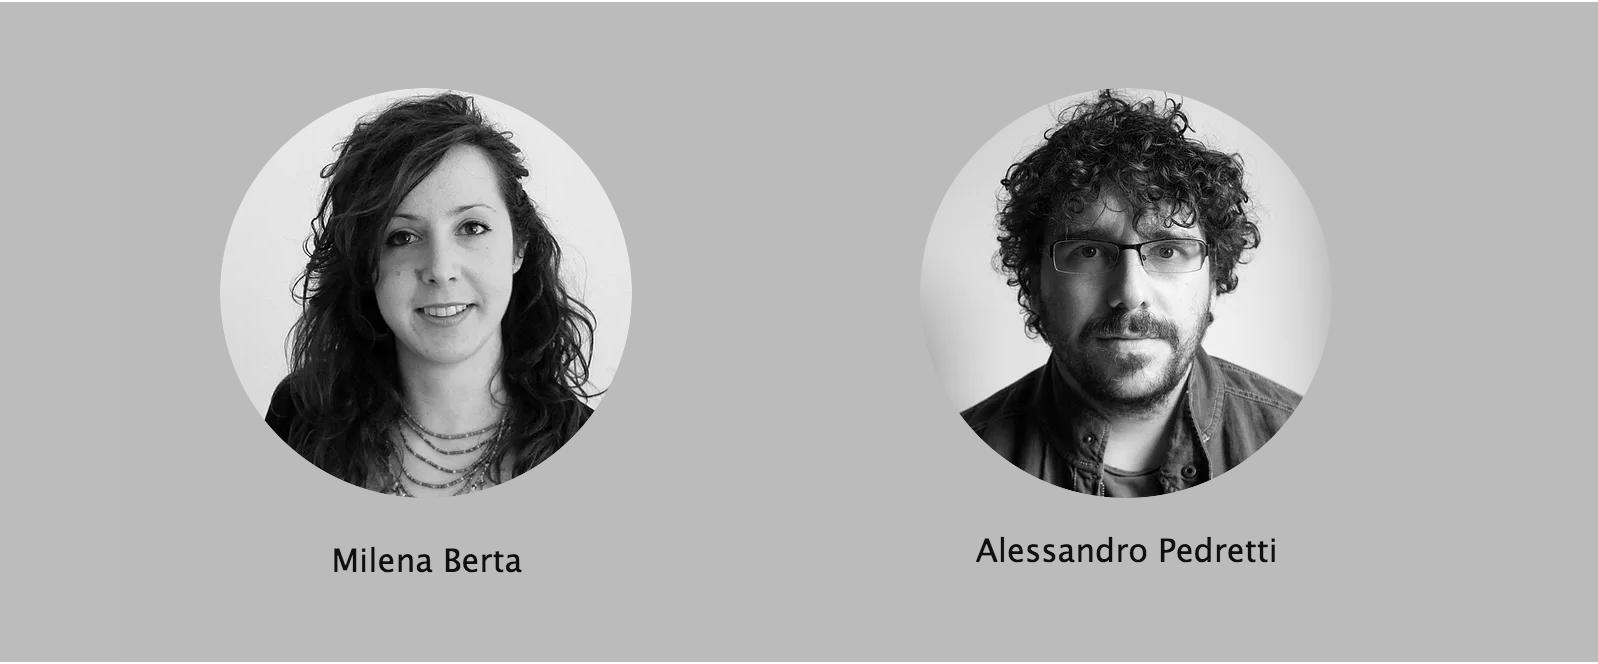 Milena Berta e Alessandro Pedretti